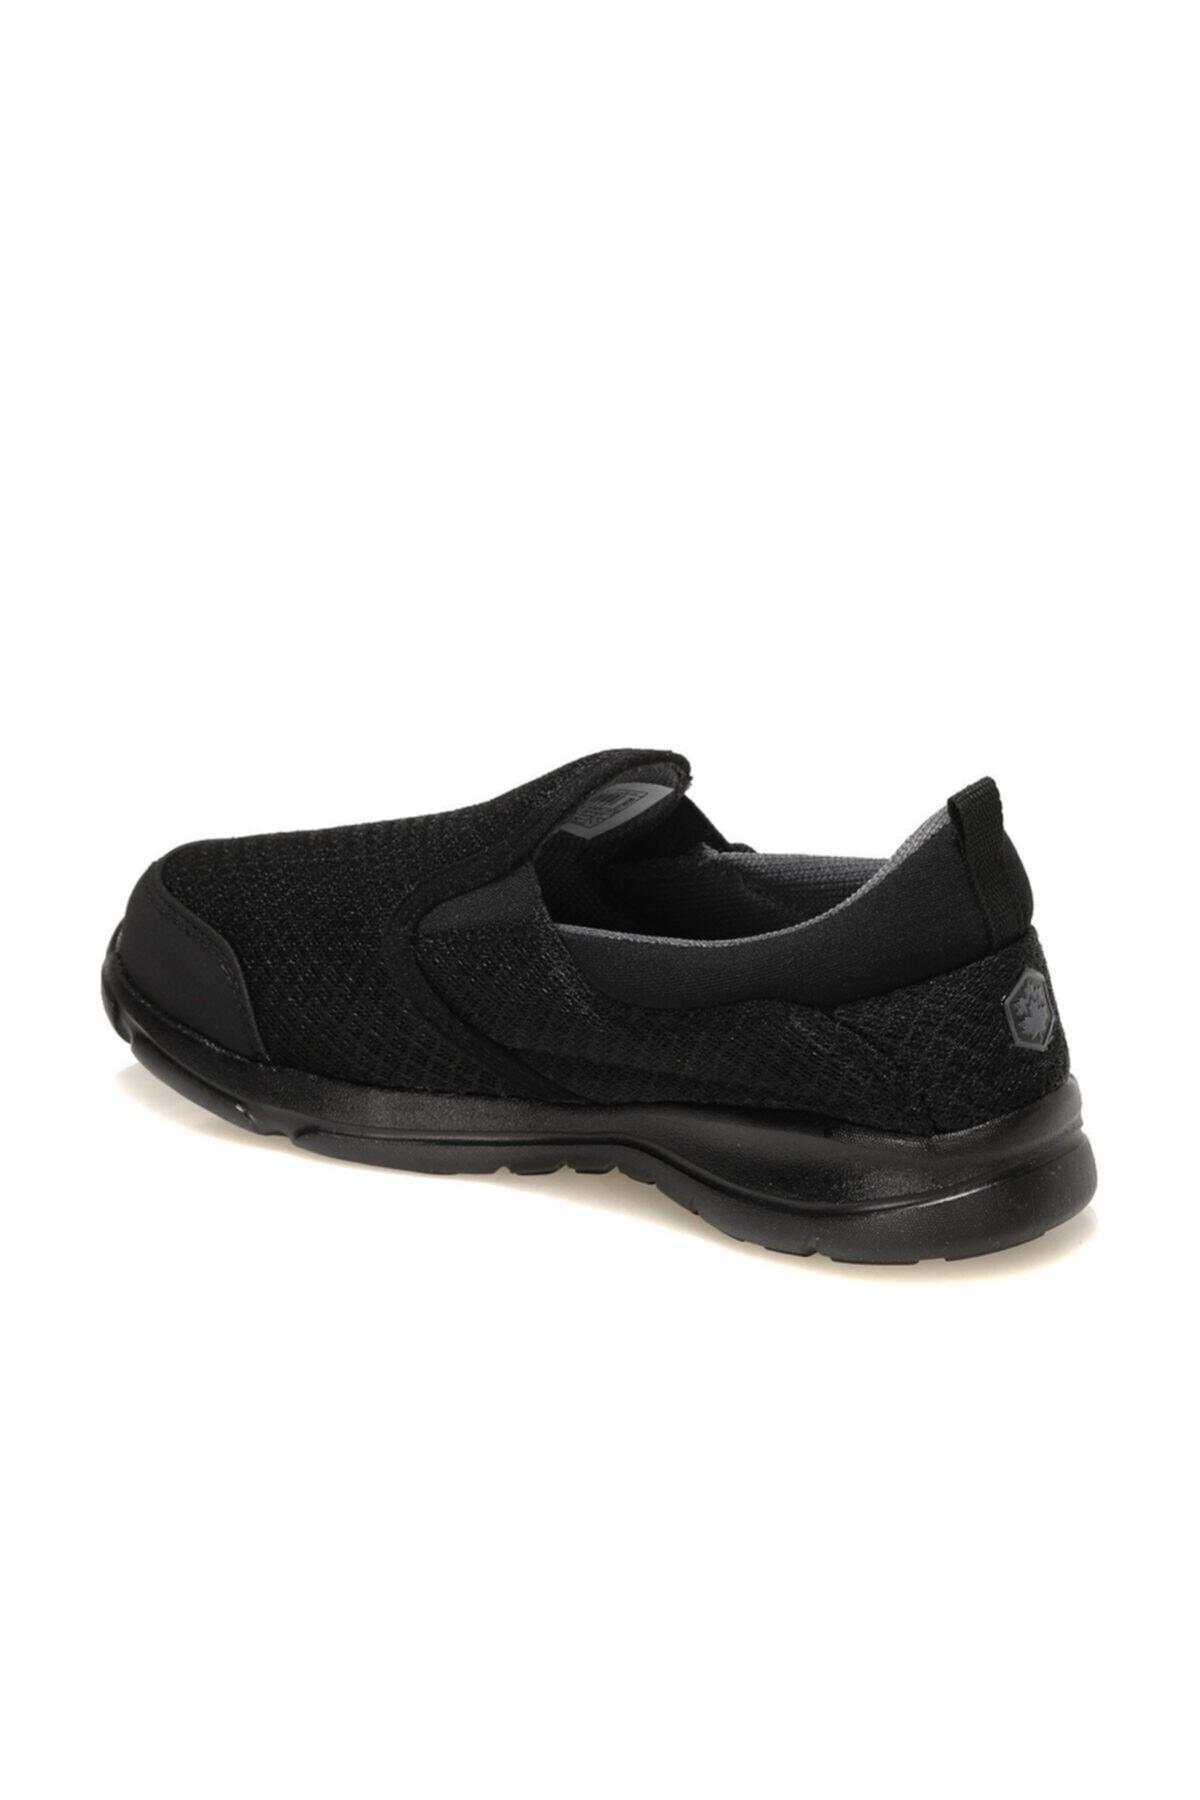 Lumberjack Lıponıs 1fx Kadın Comfort Ayakkabı